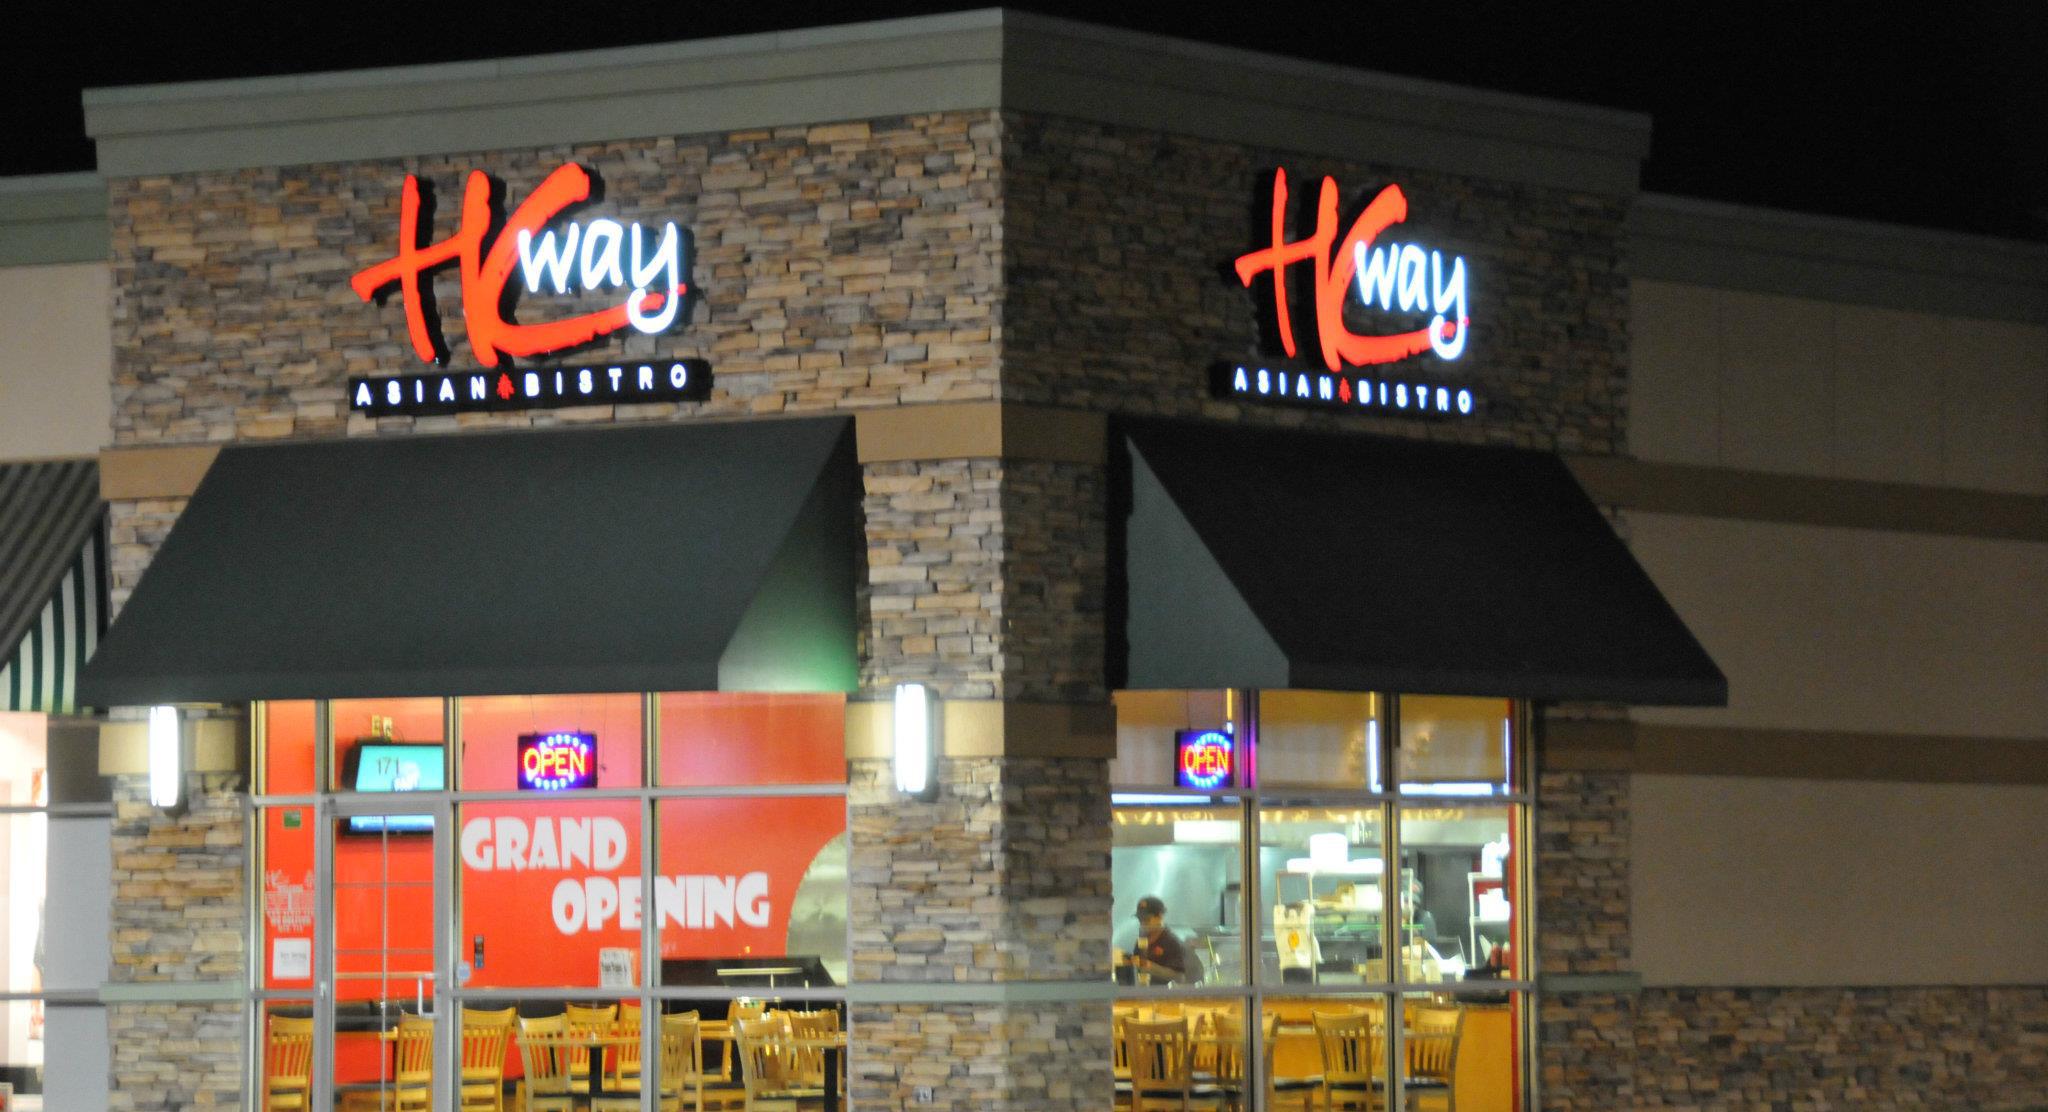 Hc Way Chinese Style Restaurant丨online Order丨columbus丨oh